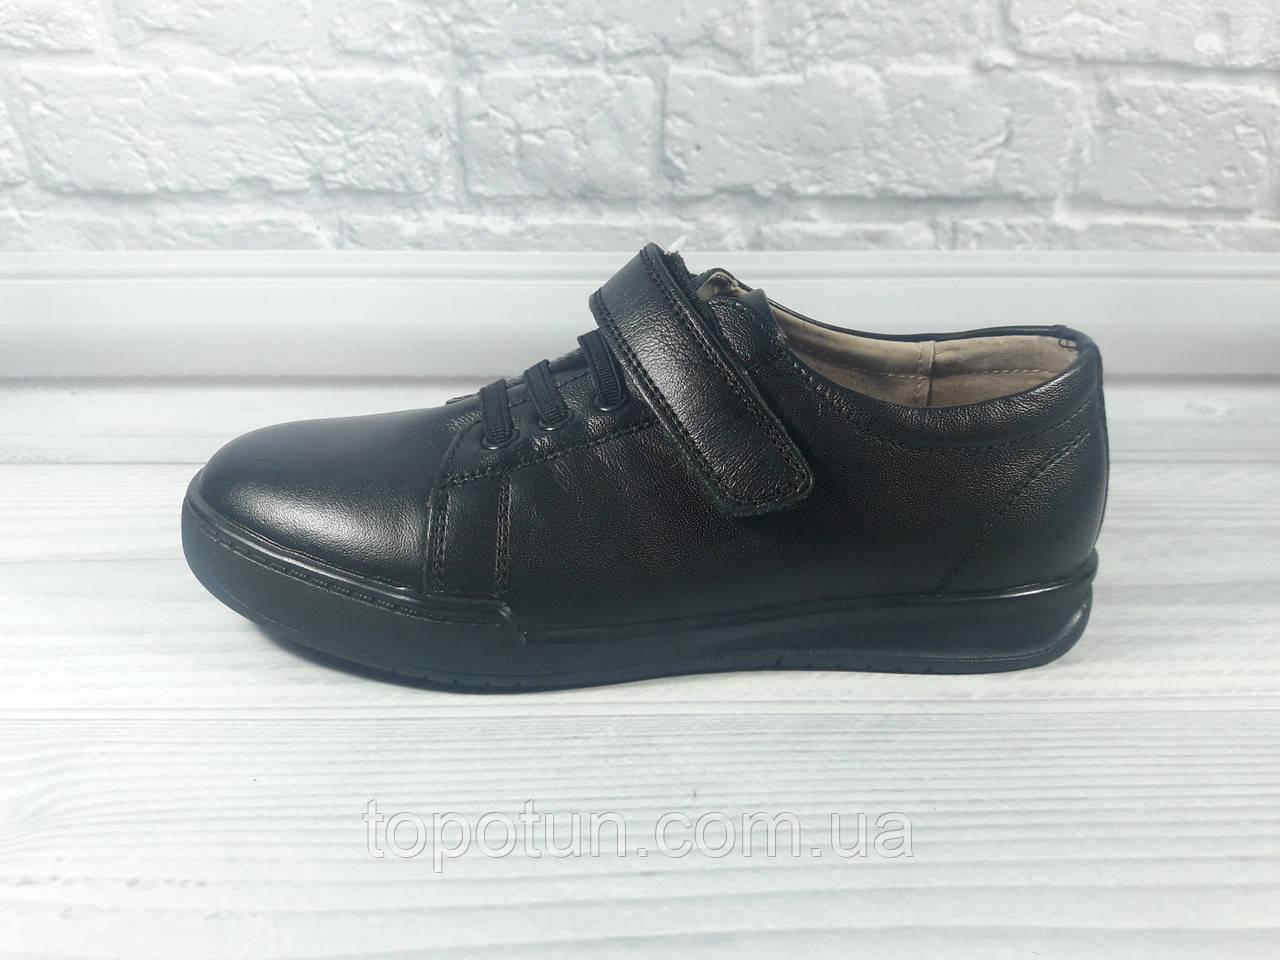 """Школьные туфли для мальчика """"Kangfu"""" кожаные Размер: 28,30,31"""